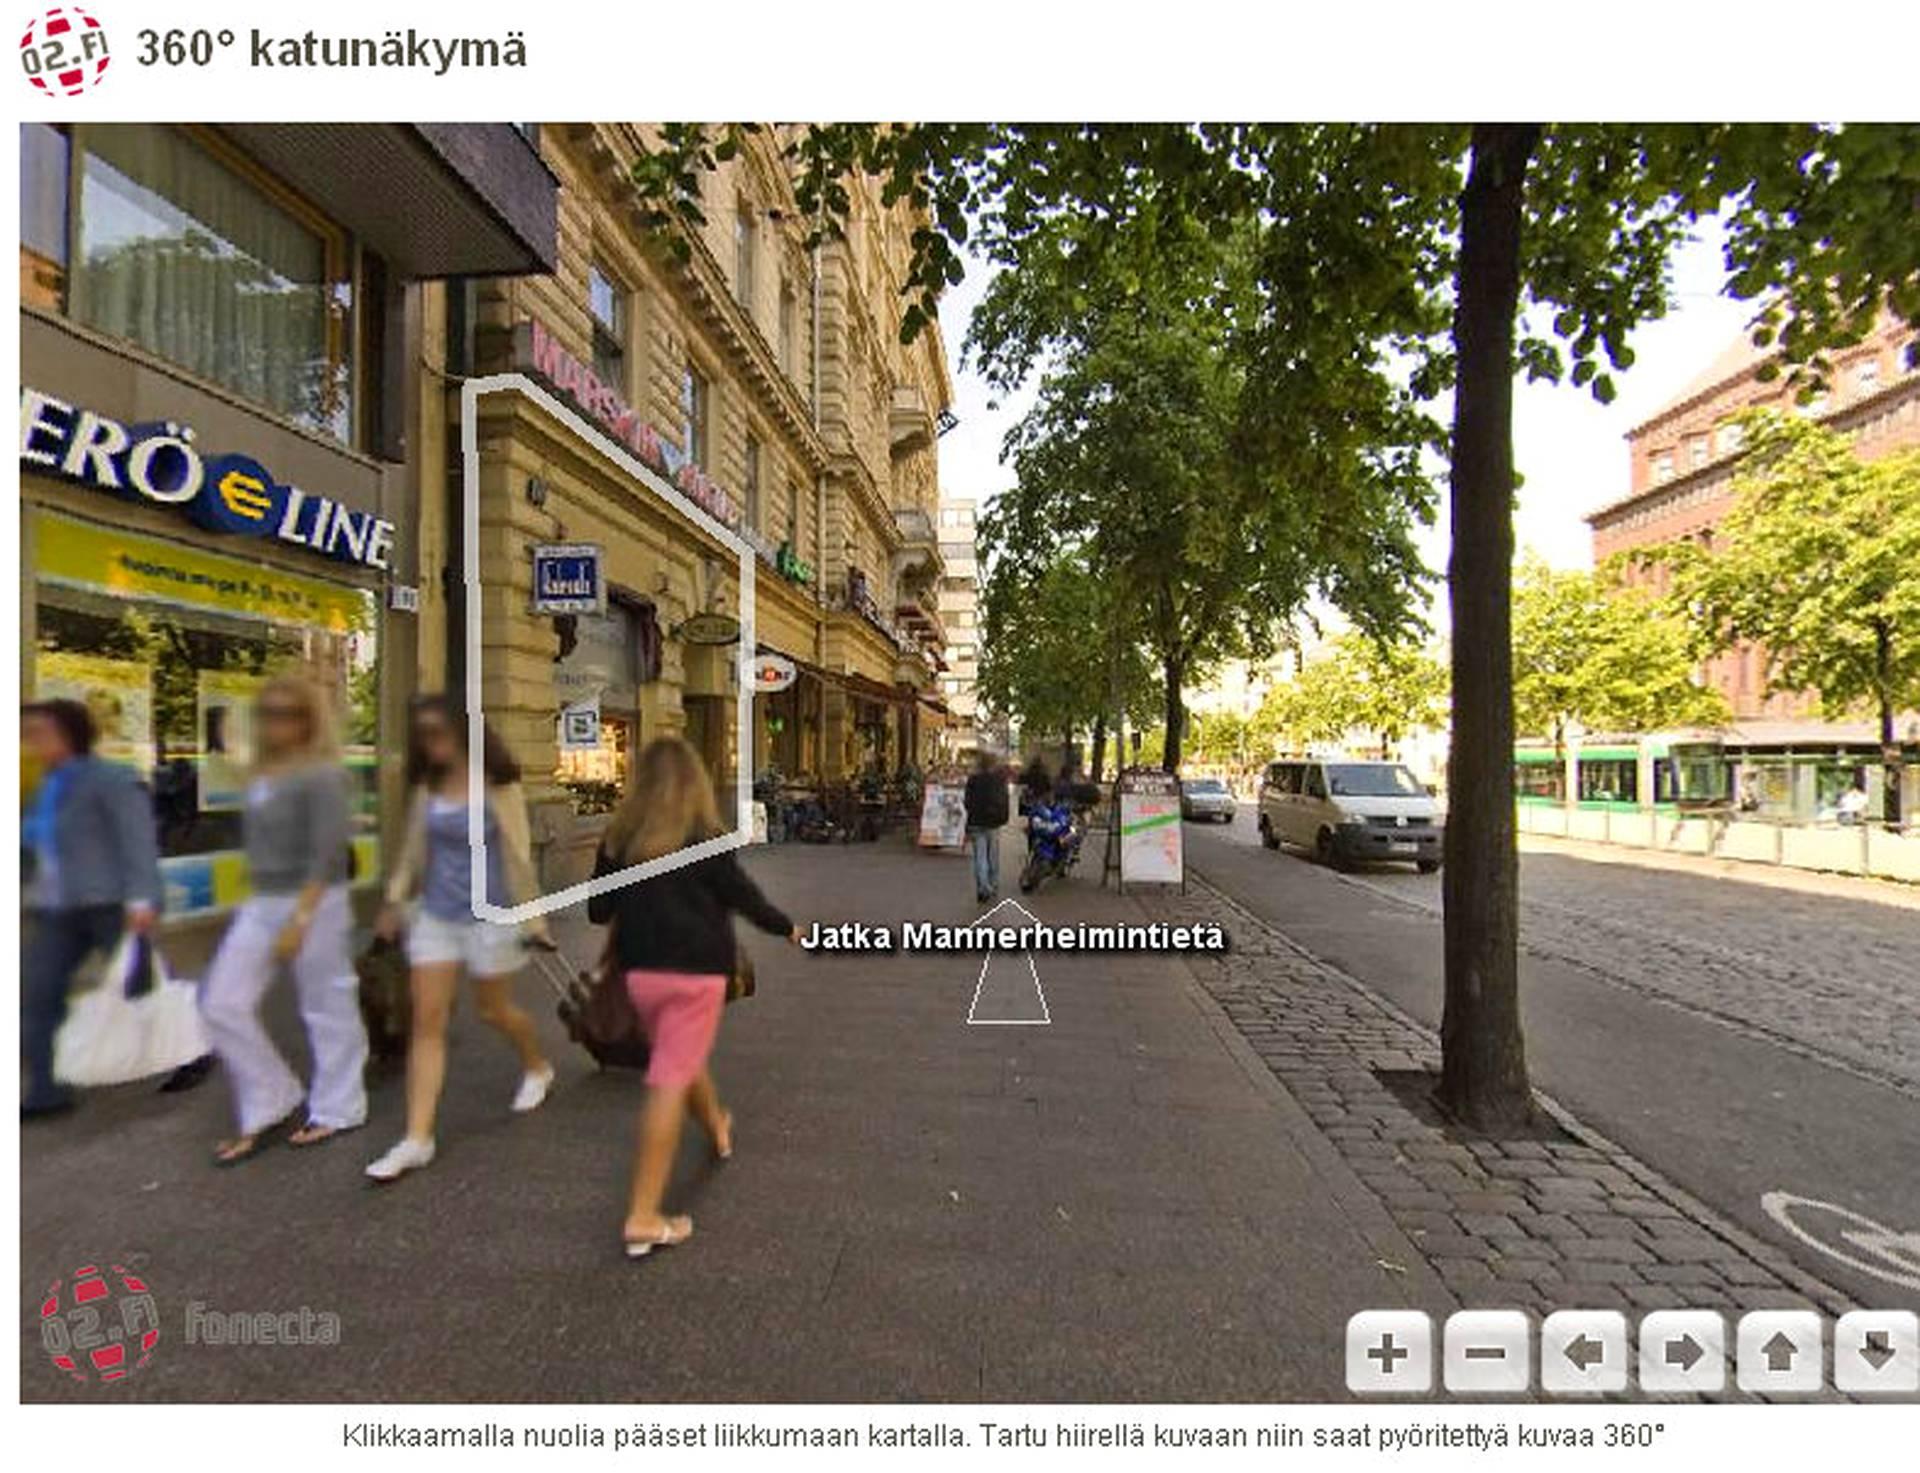 Fonecta Rakentaa Virtuaalisen Katunakyman Mainosmarkkinoita